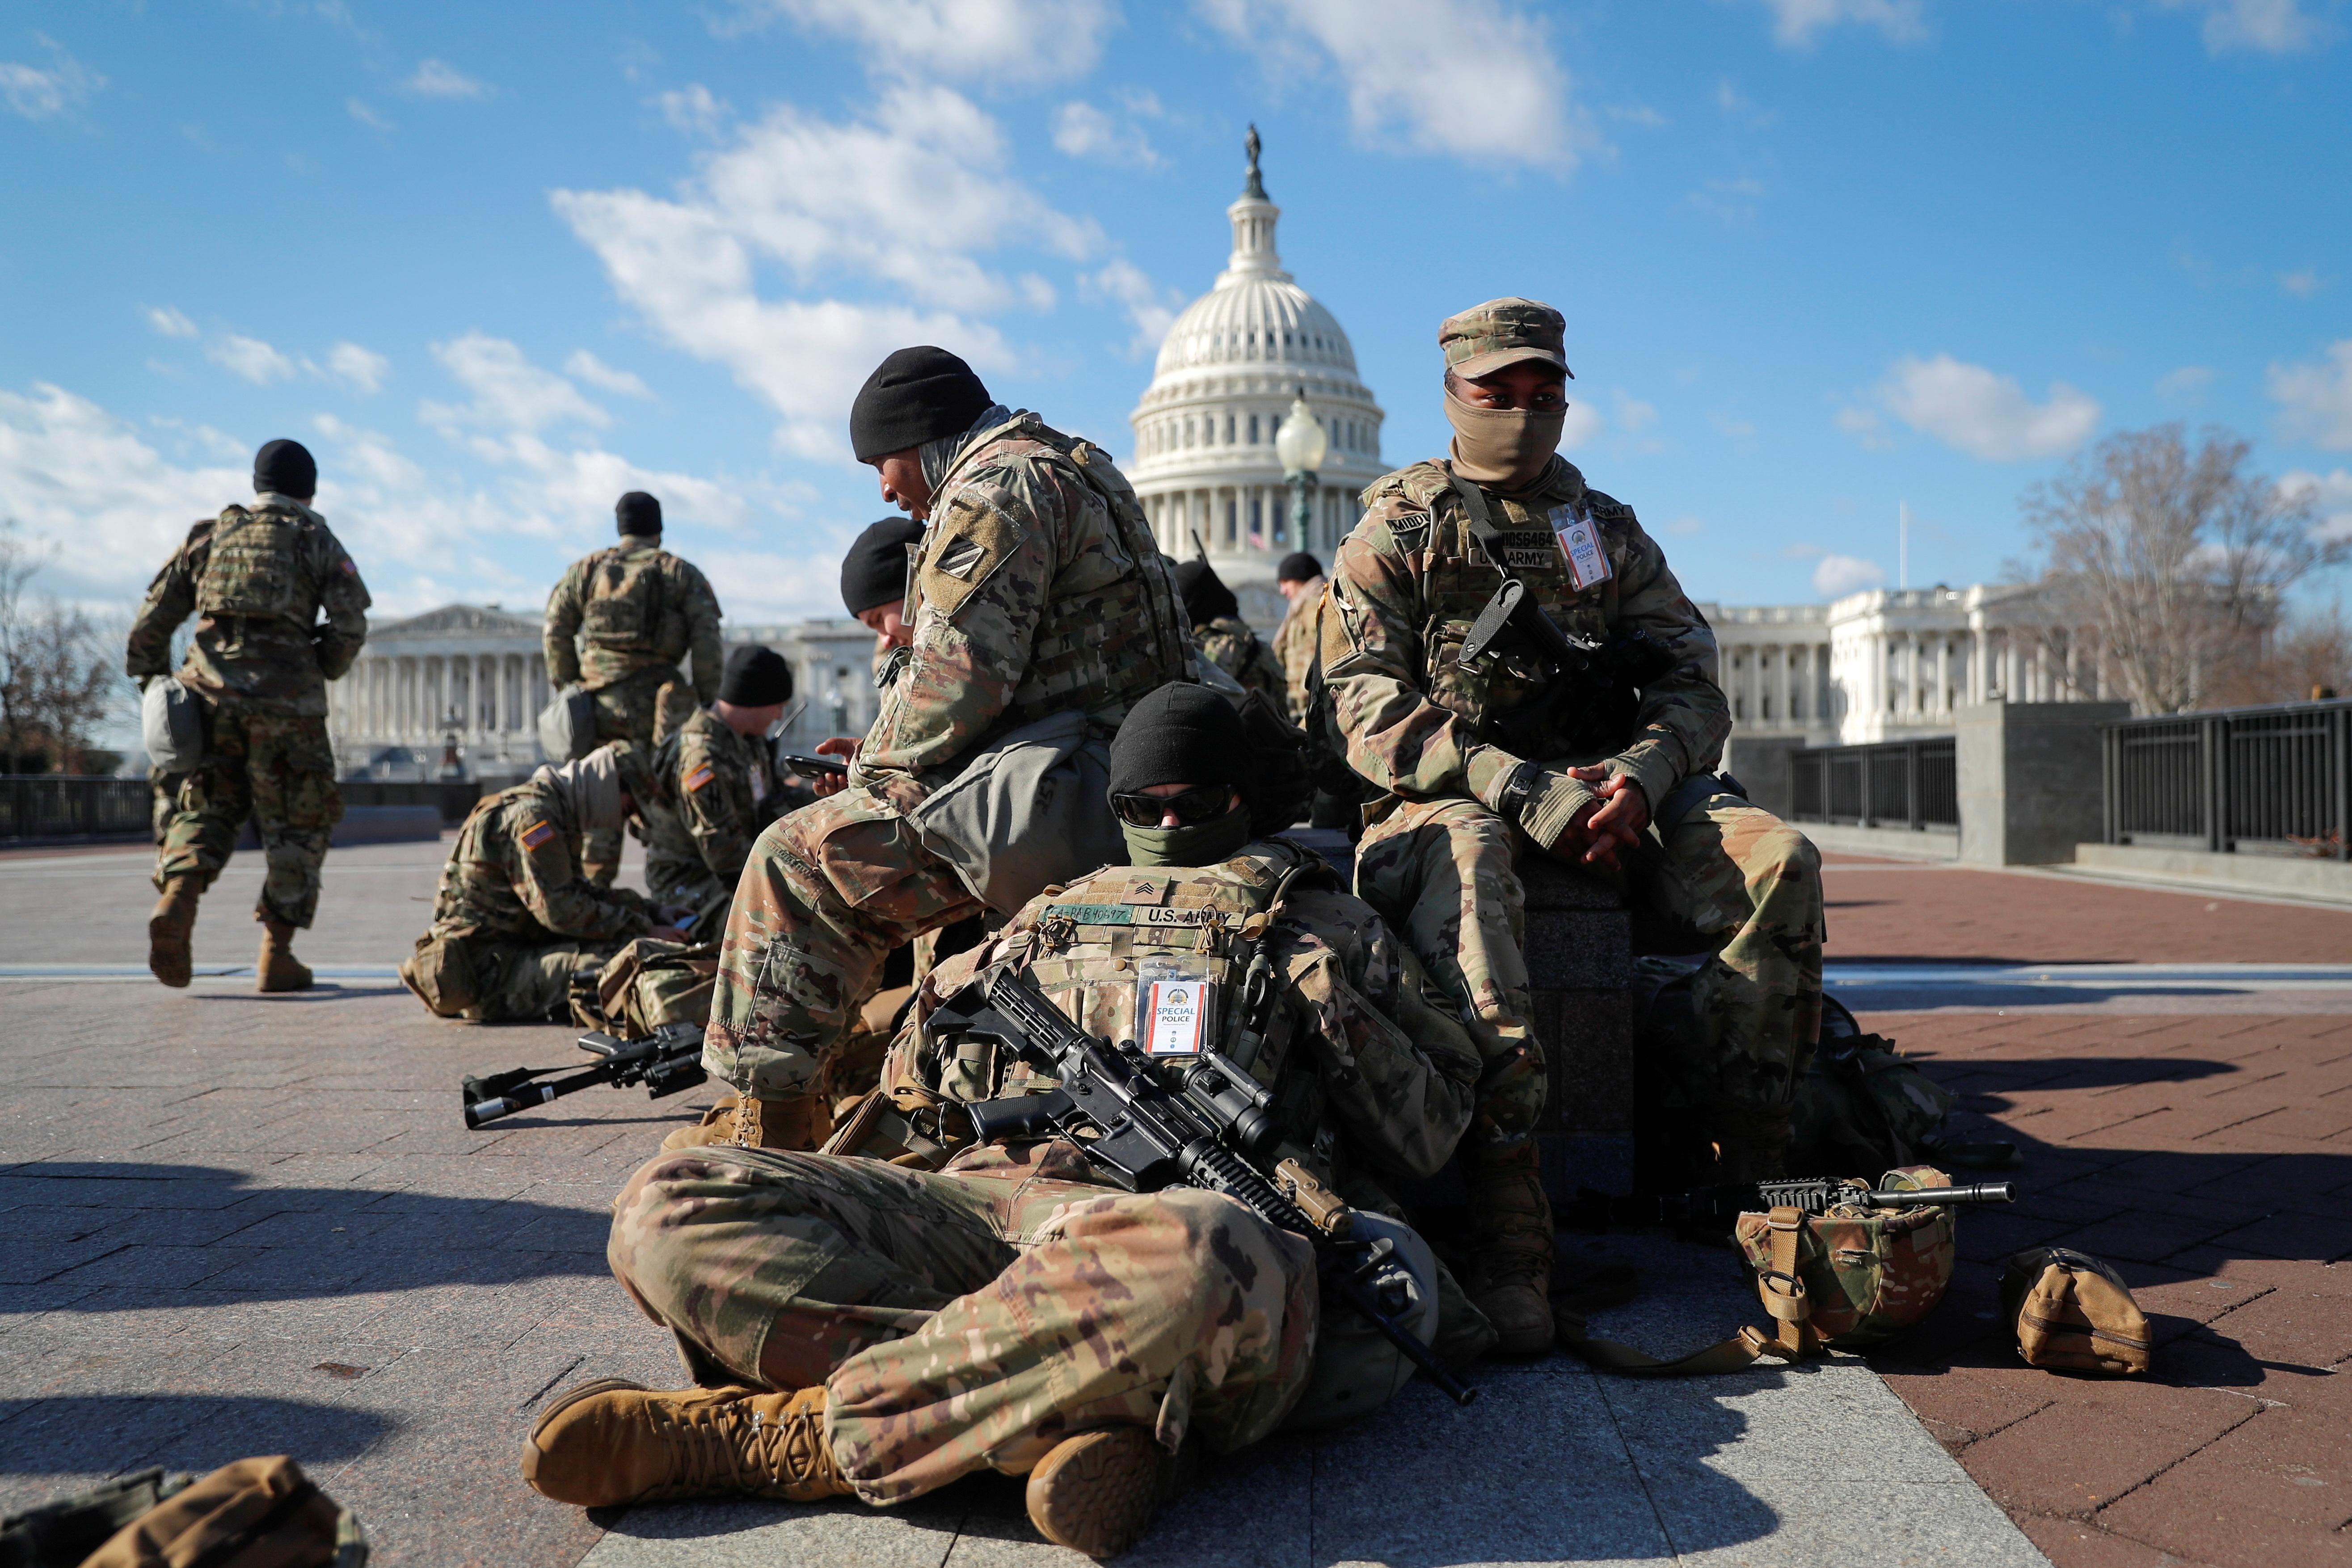 سربازان گارد ملی در اطراف پایتخت روز گذشته در واشنگتن.